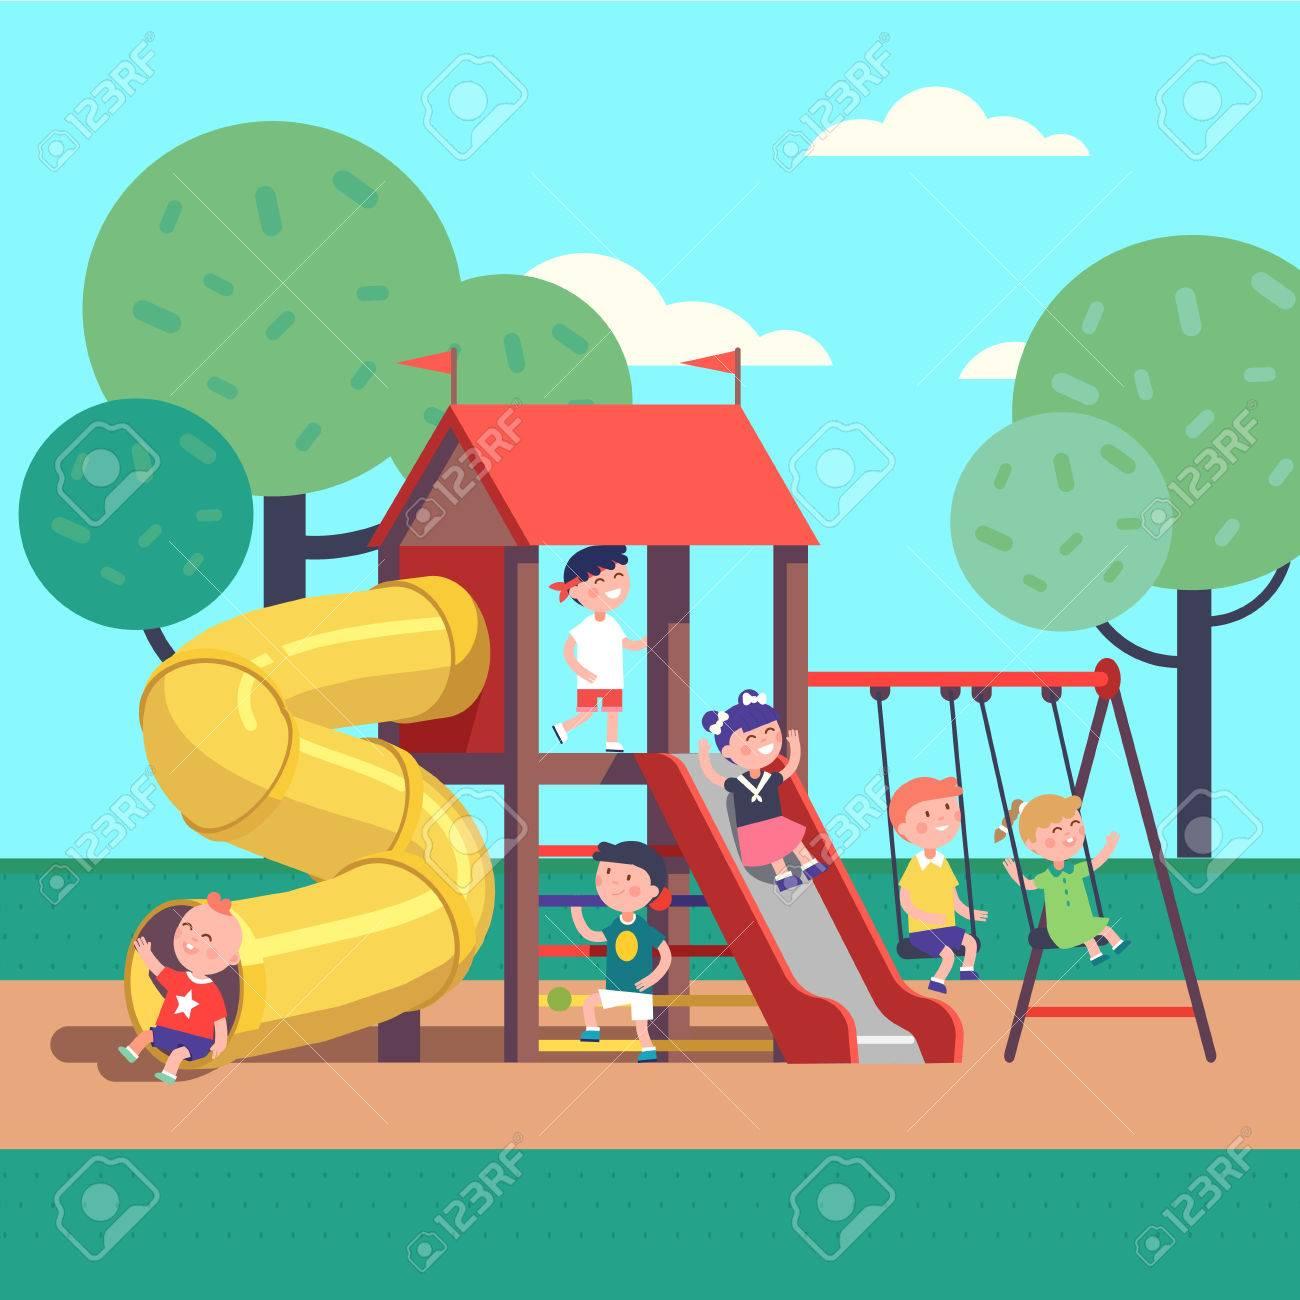 19225d6c6 Grupo De Niños Que Juegan Al Juego En Un Parque Público De La Ciudad Parque  Infantil Con Columpios, Toboganes, Tubos Y Casa. Infancia Feliz.